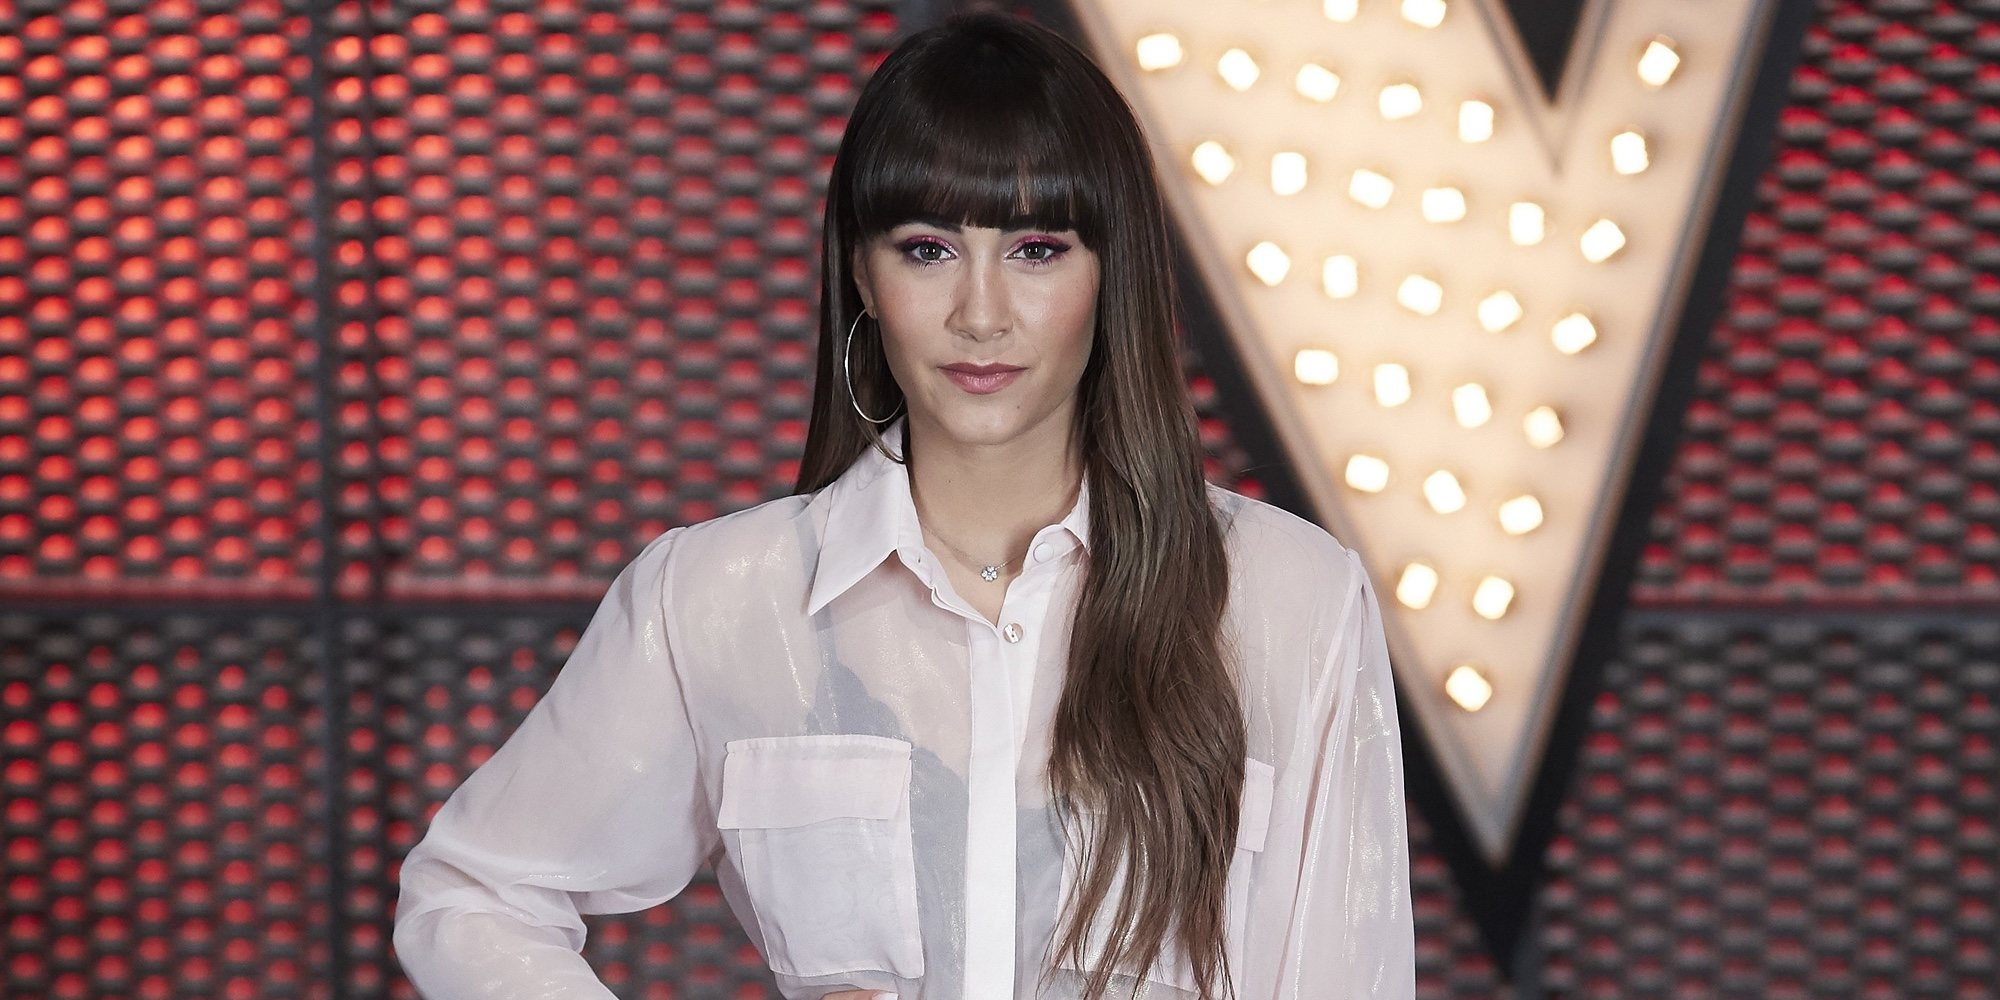 Aitana Ocaña da positivo en coronavirus y cancela su participación en Los 40 Music Awards